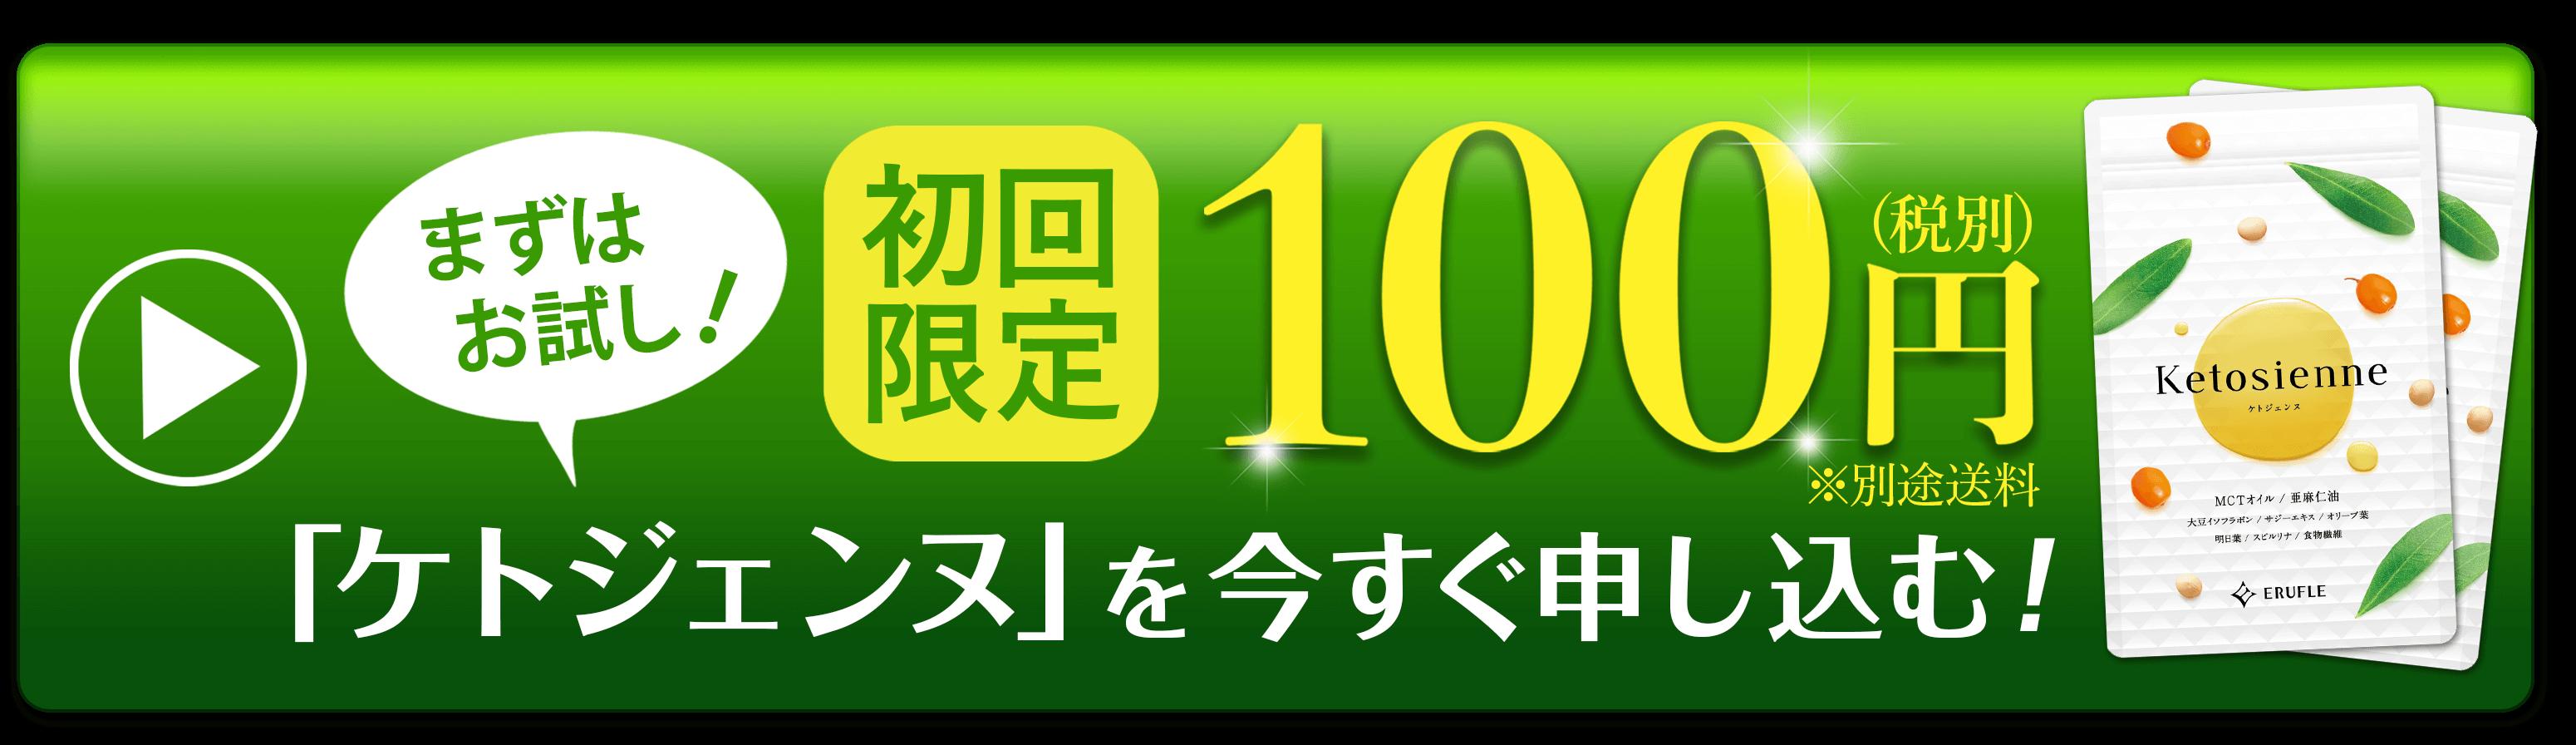 初回限定 ケトジェンヌ100円の特別価格